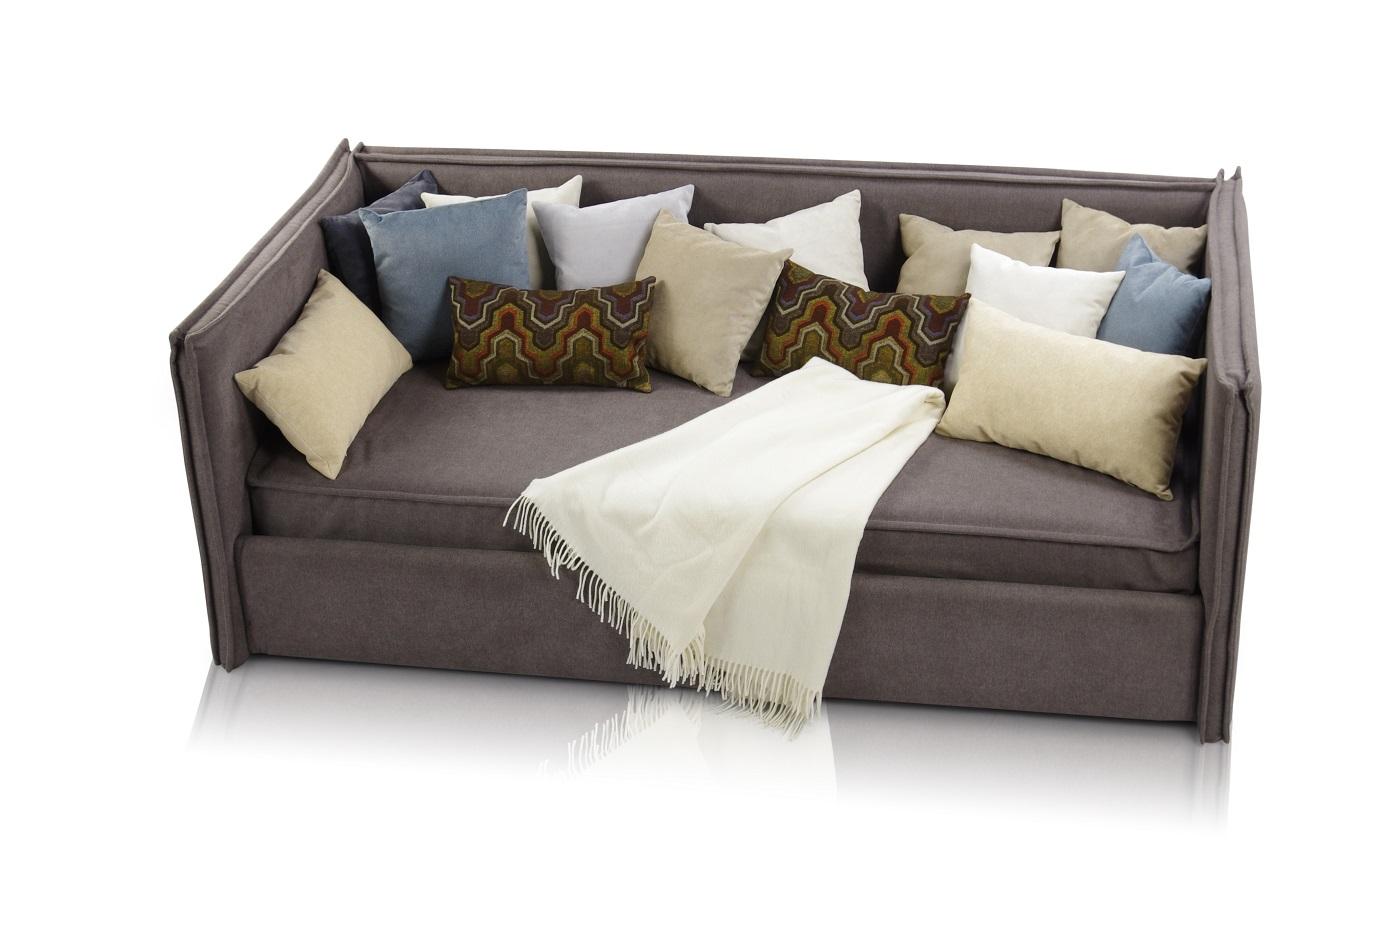 Кровать Solo v4 с подъемным механизмом 190х90